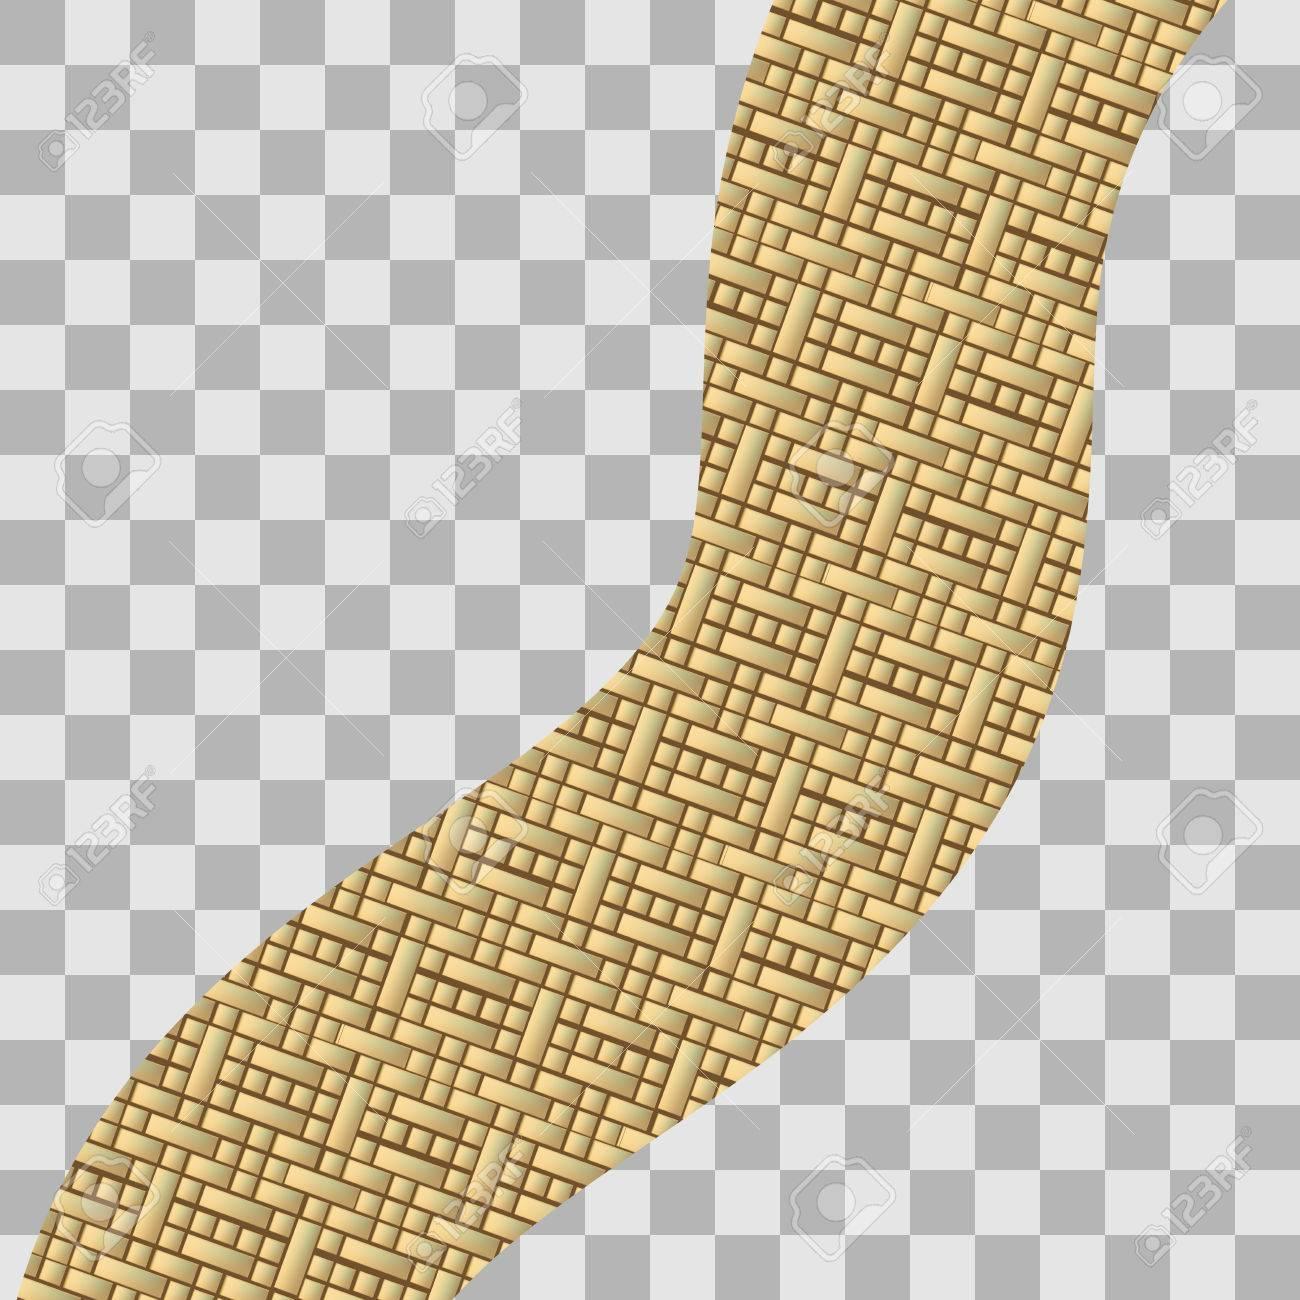 透明背景にゴールド コイン作られた道のイラスト ロイヤリティフリー